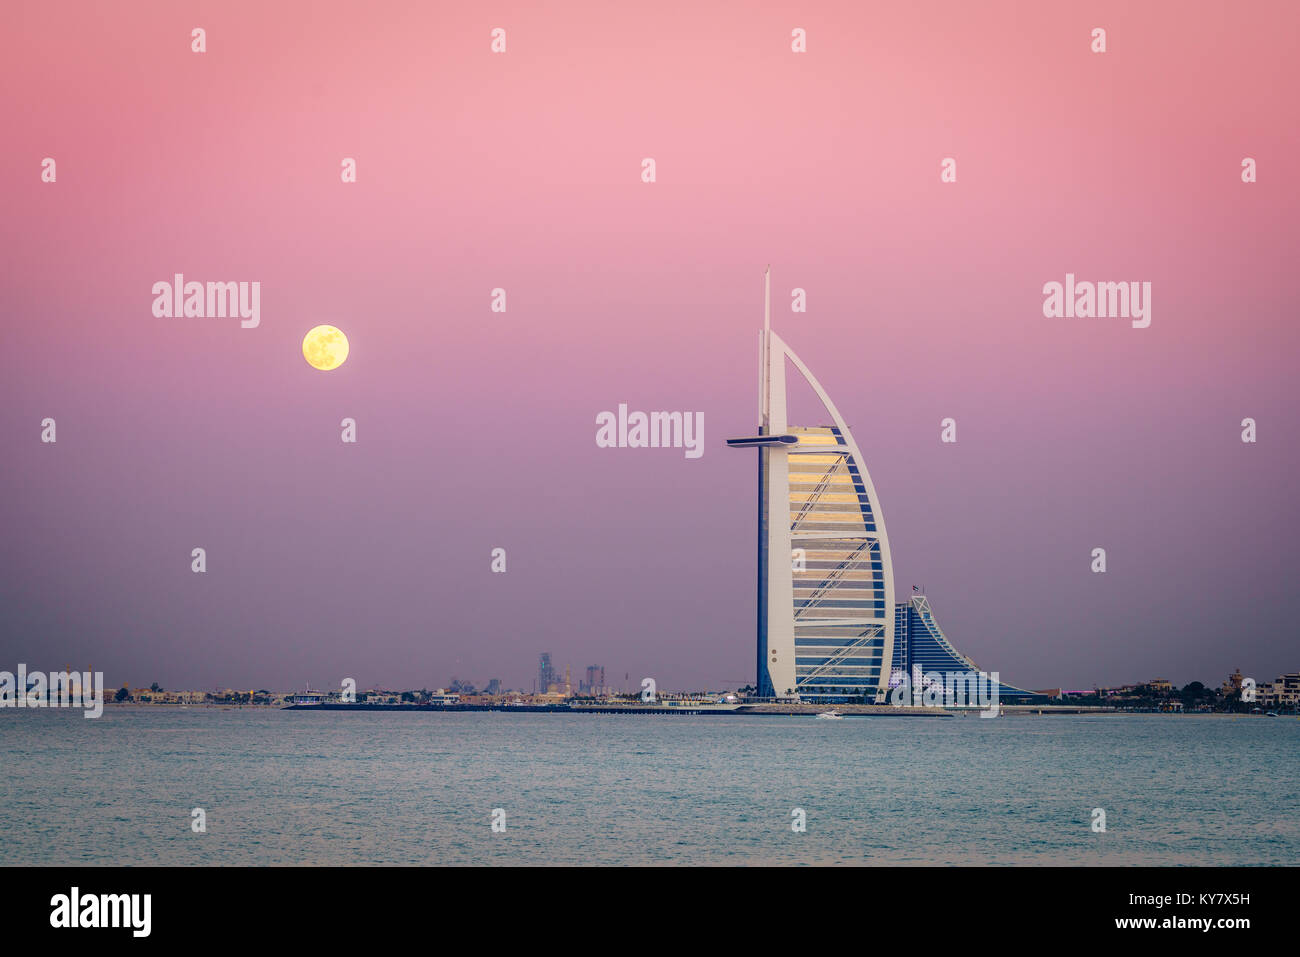 Dubai, VAE, 13. Dezember 2016: Vollmond steigt über das Burj Al Arab - das weltweit einzige 7-Sterne Hotel Stockbild